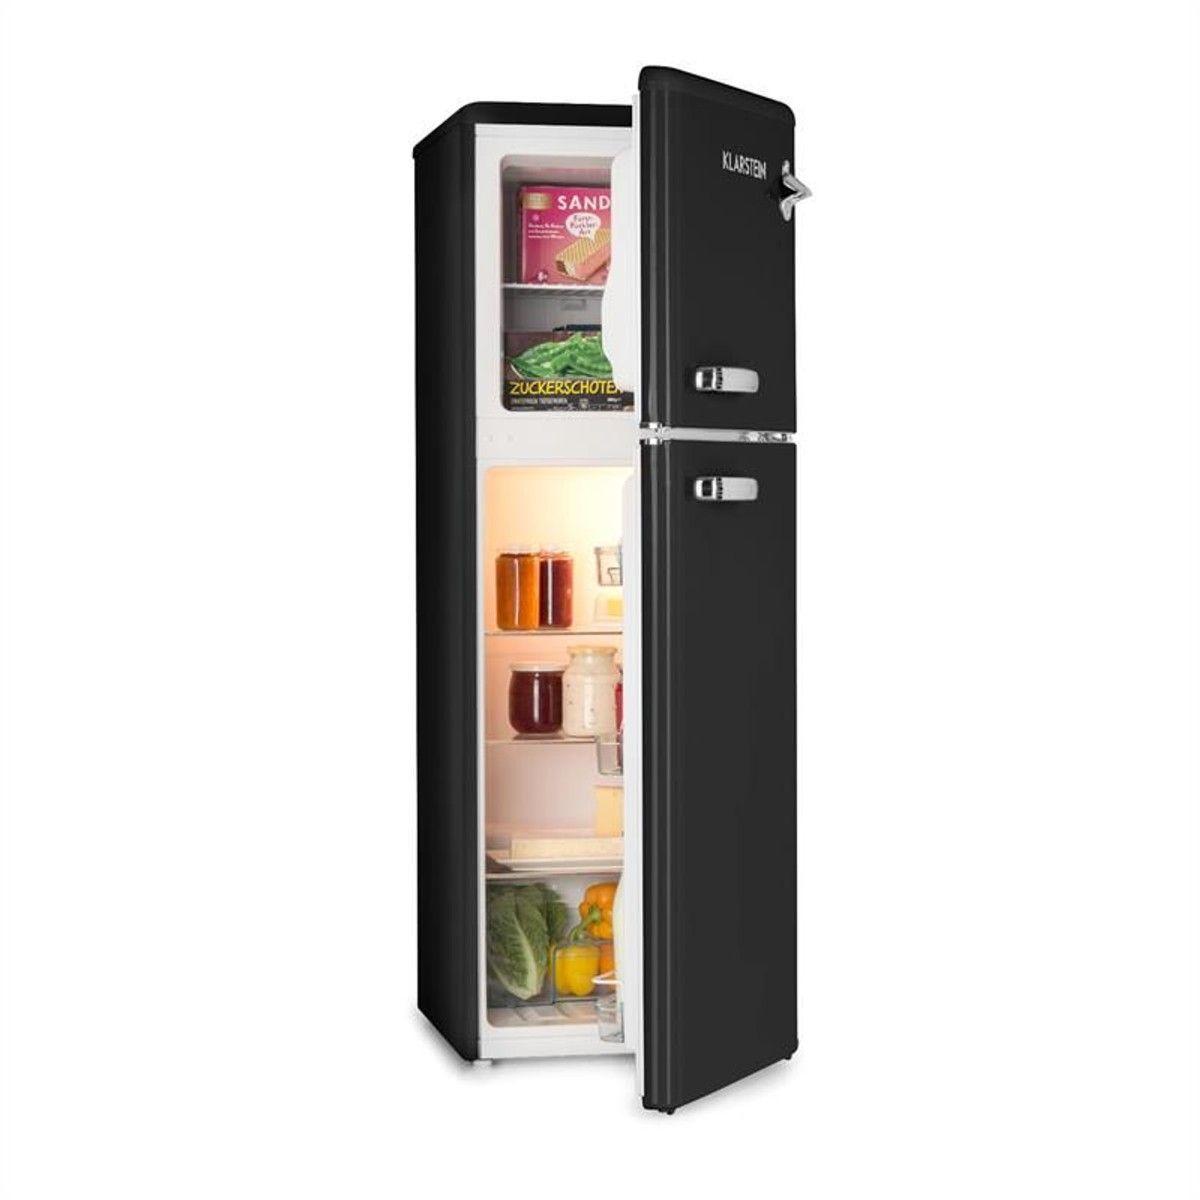 Refrigerateur Congelateur Audrey Verre Incassable Refrigerateur